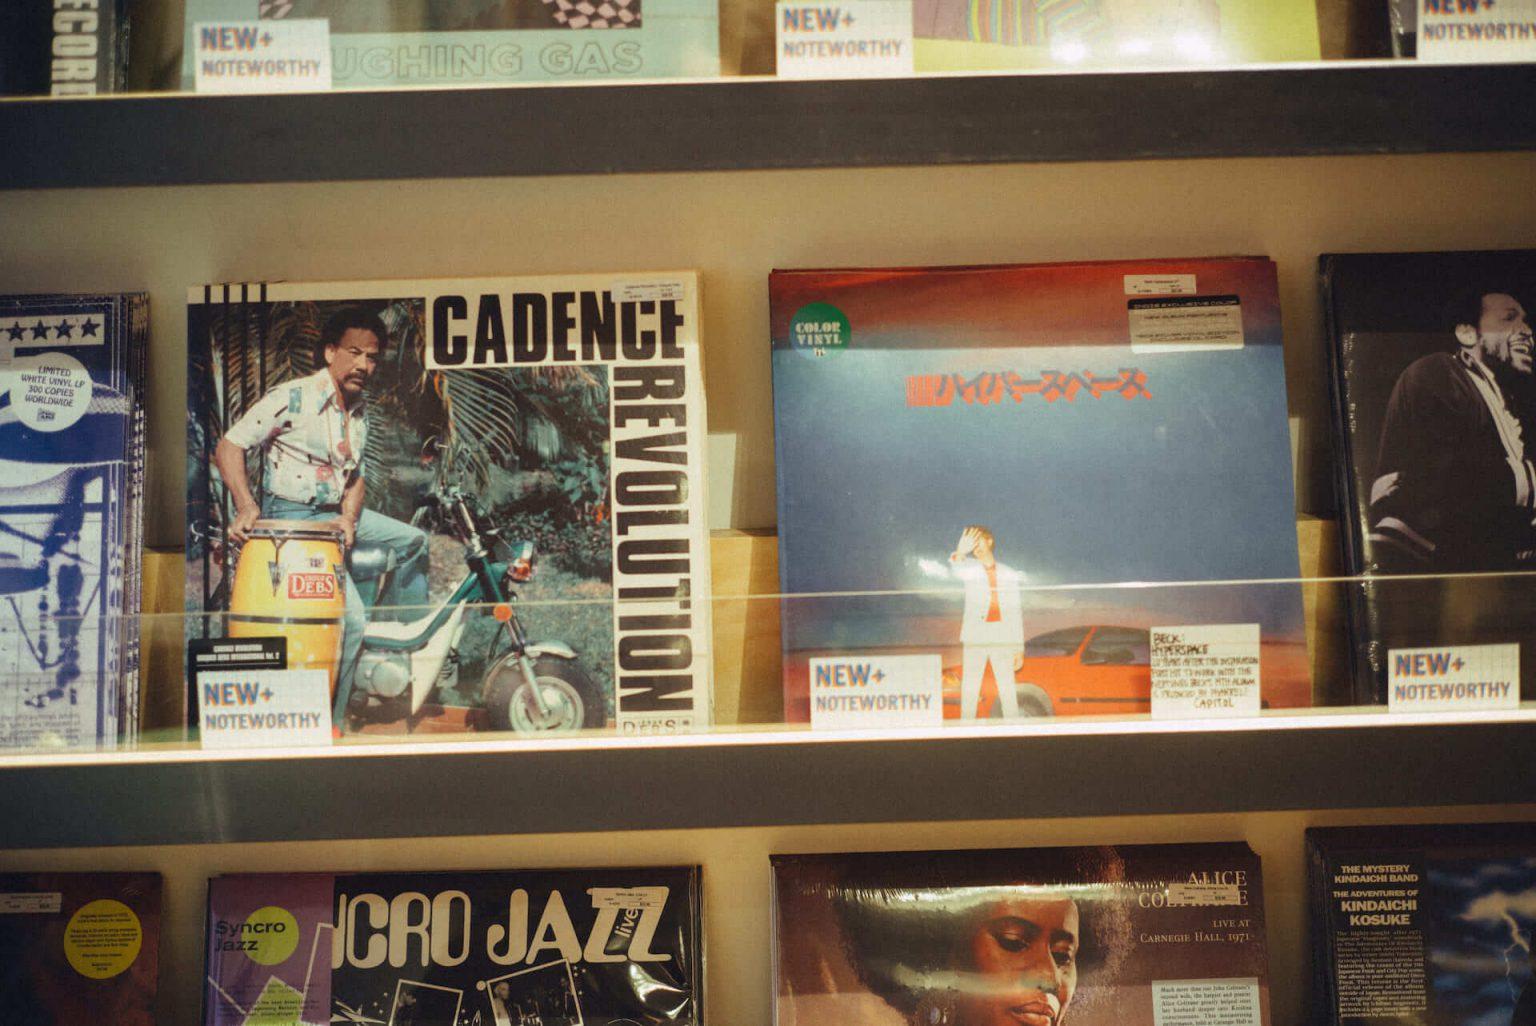 7_3620_AT_TTL-1440x962 1999年、NYC・大学寮の一室で始まったレコードショップの現在。すべてのDJに開かれた店「Turntable Lab」